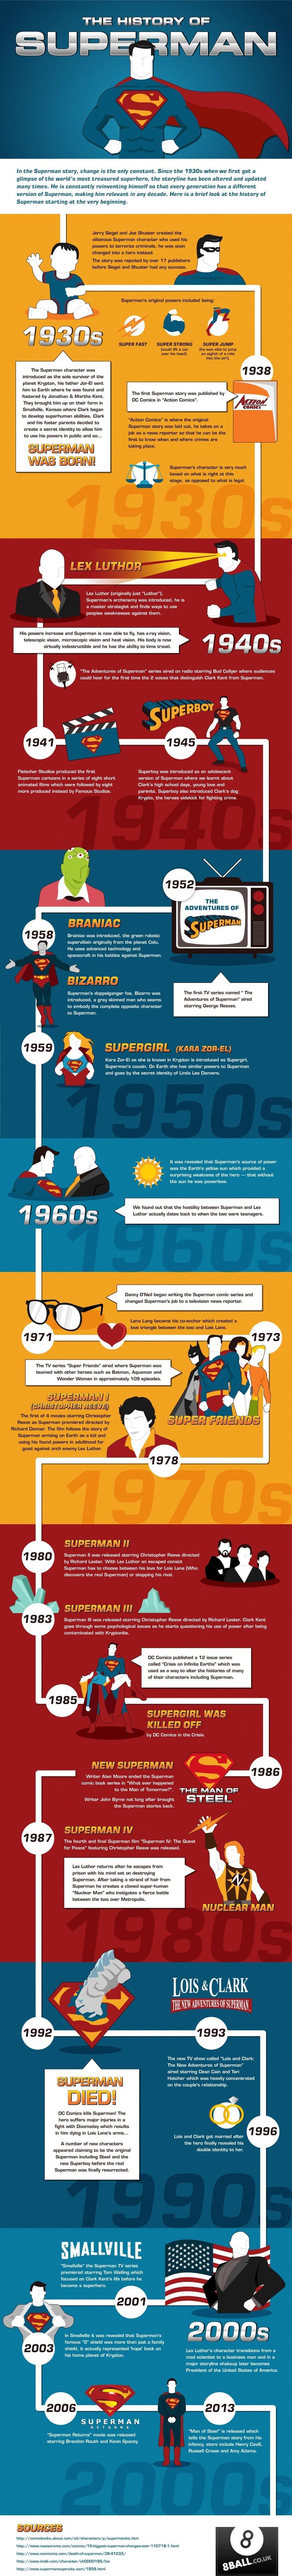 Infographic: De geschiedenis van de man van staal - Numrush